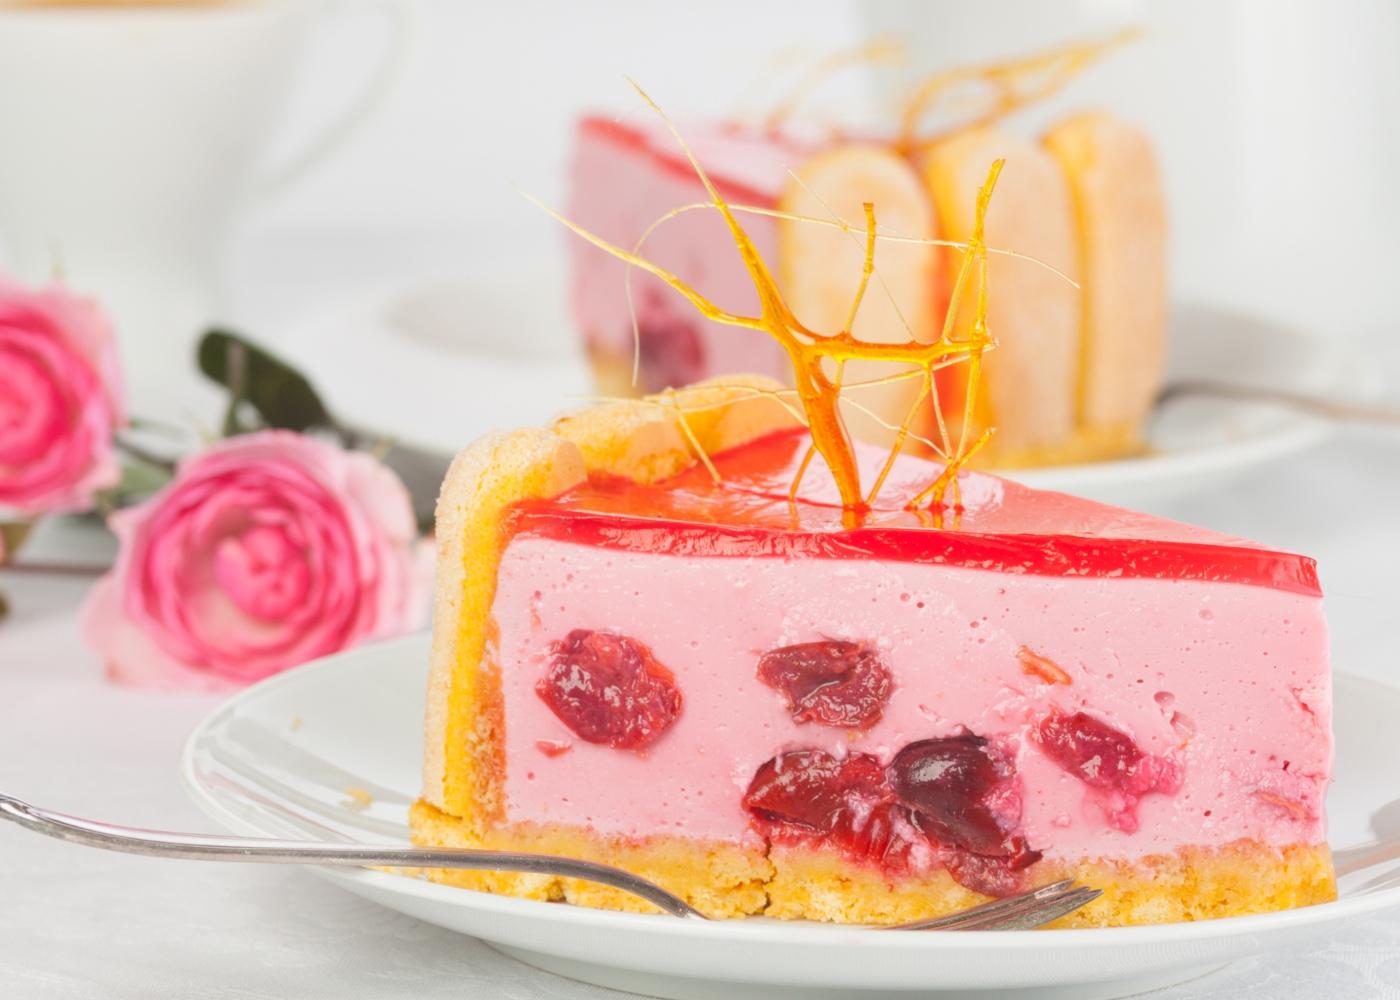 Tarte de cereja com iogurte